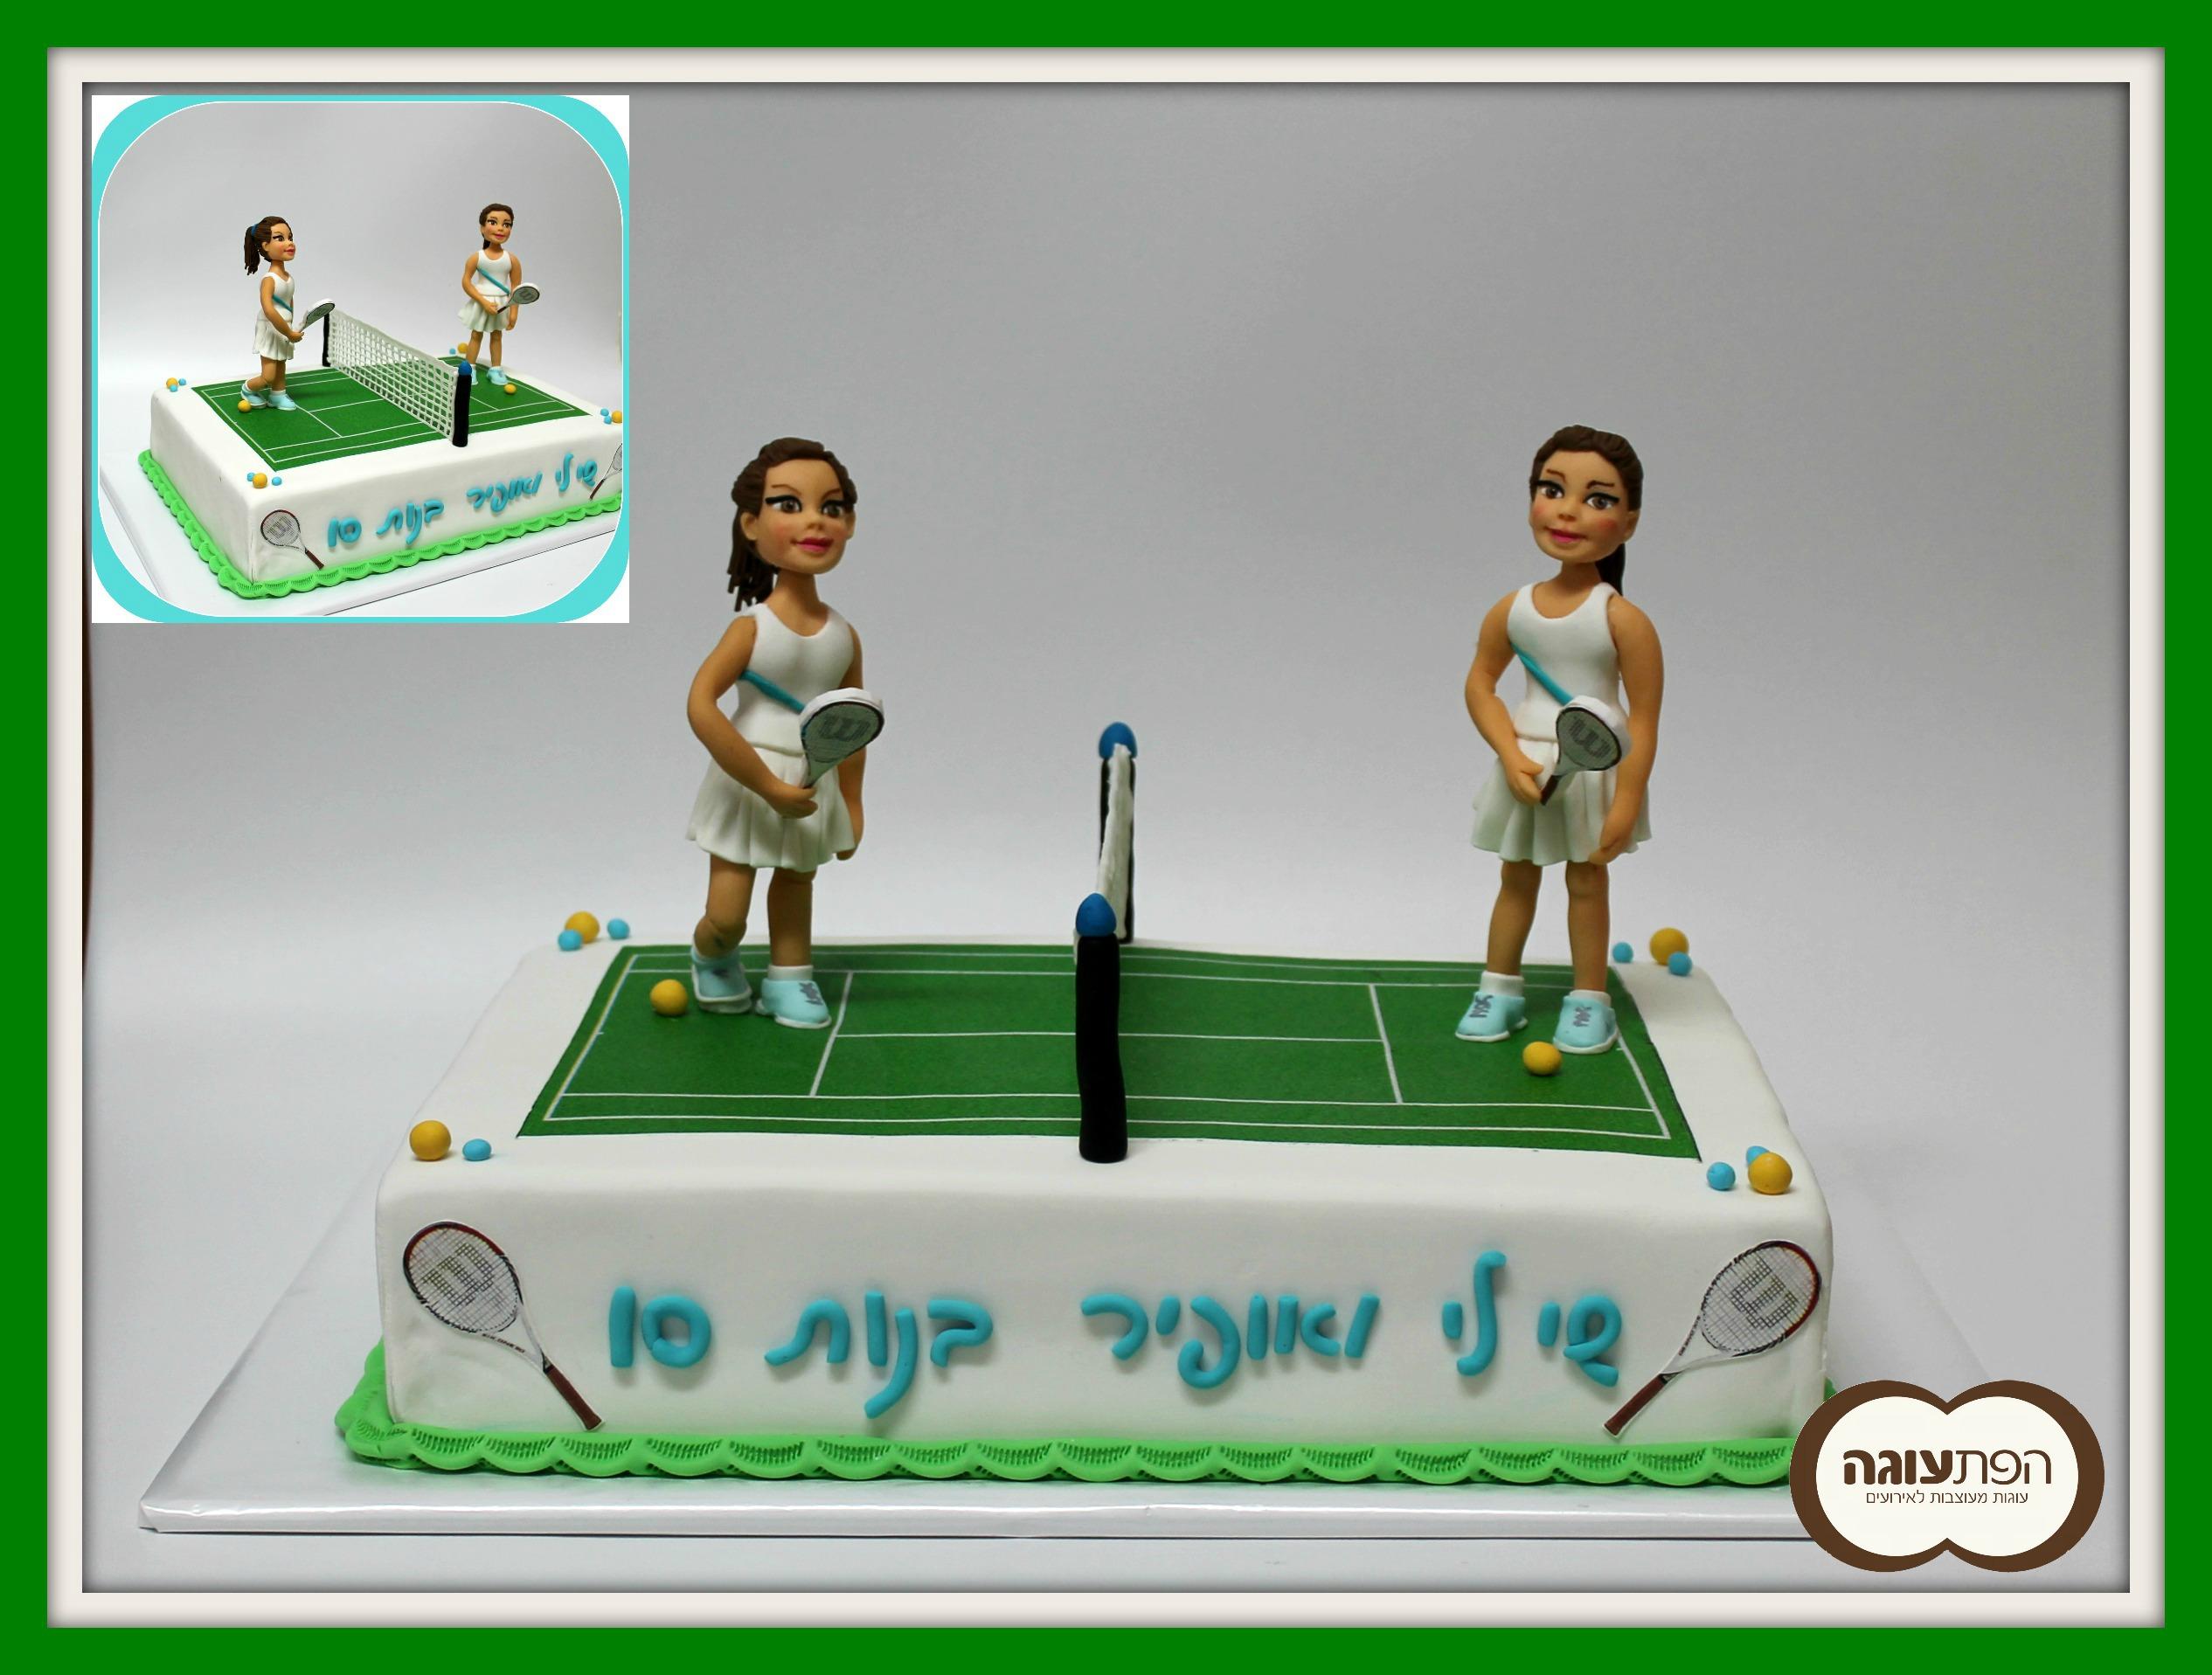 תאומות טניס 2015